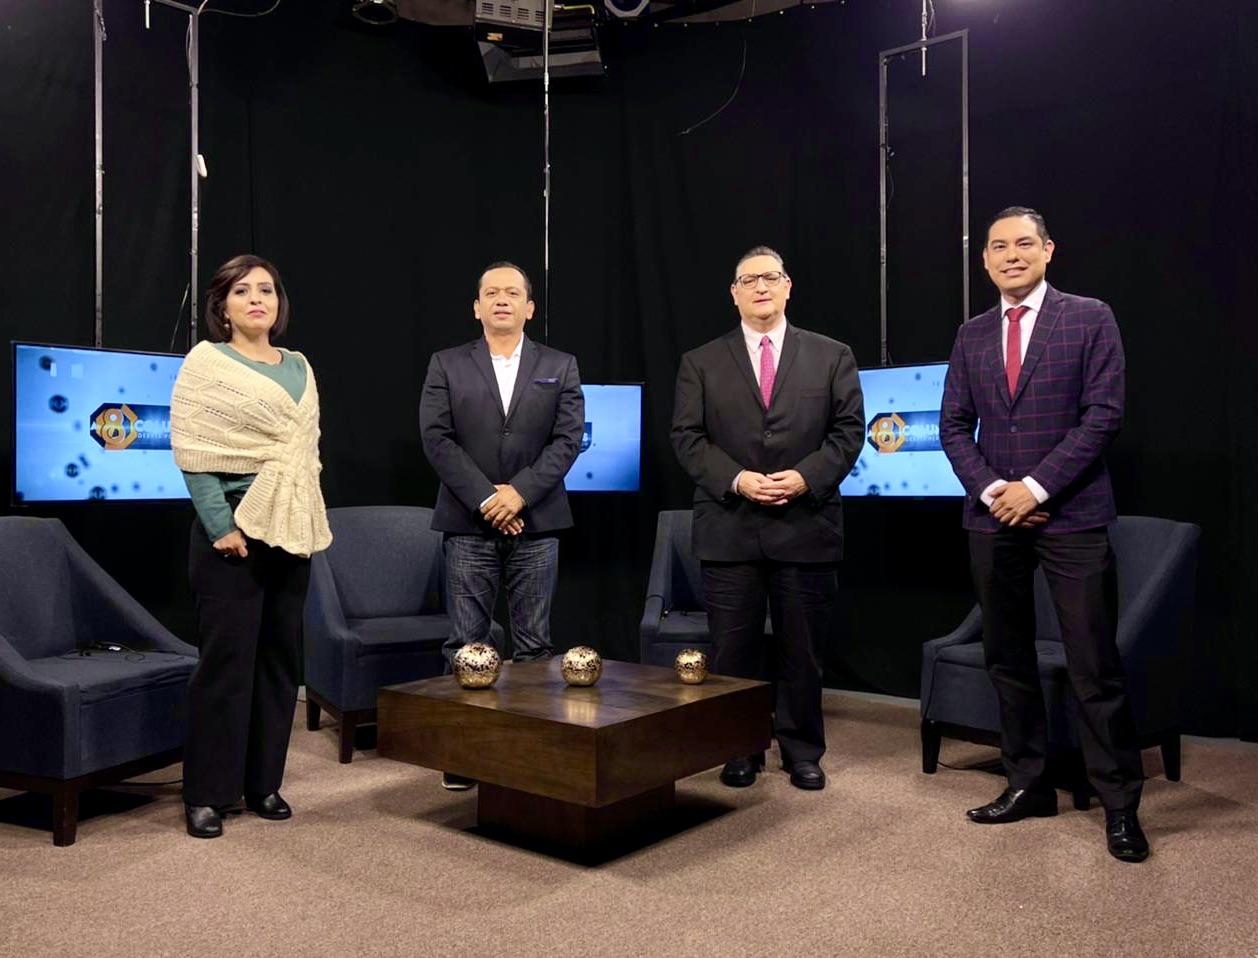 Nadie nos ha dado línea para designar al nuevo titular de Derechos Humanos en Veracruz: diputado Alexis Sánchez